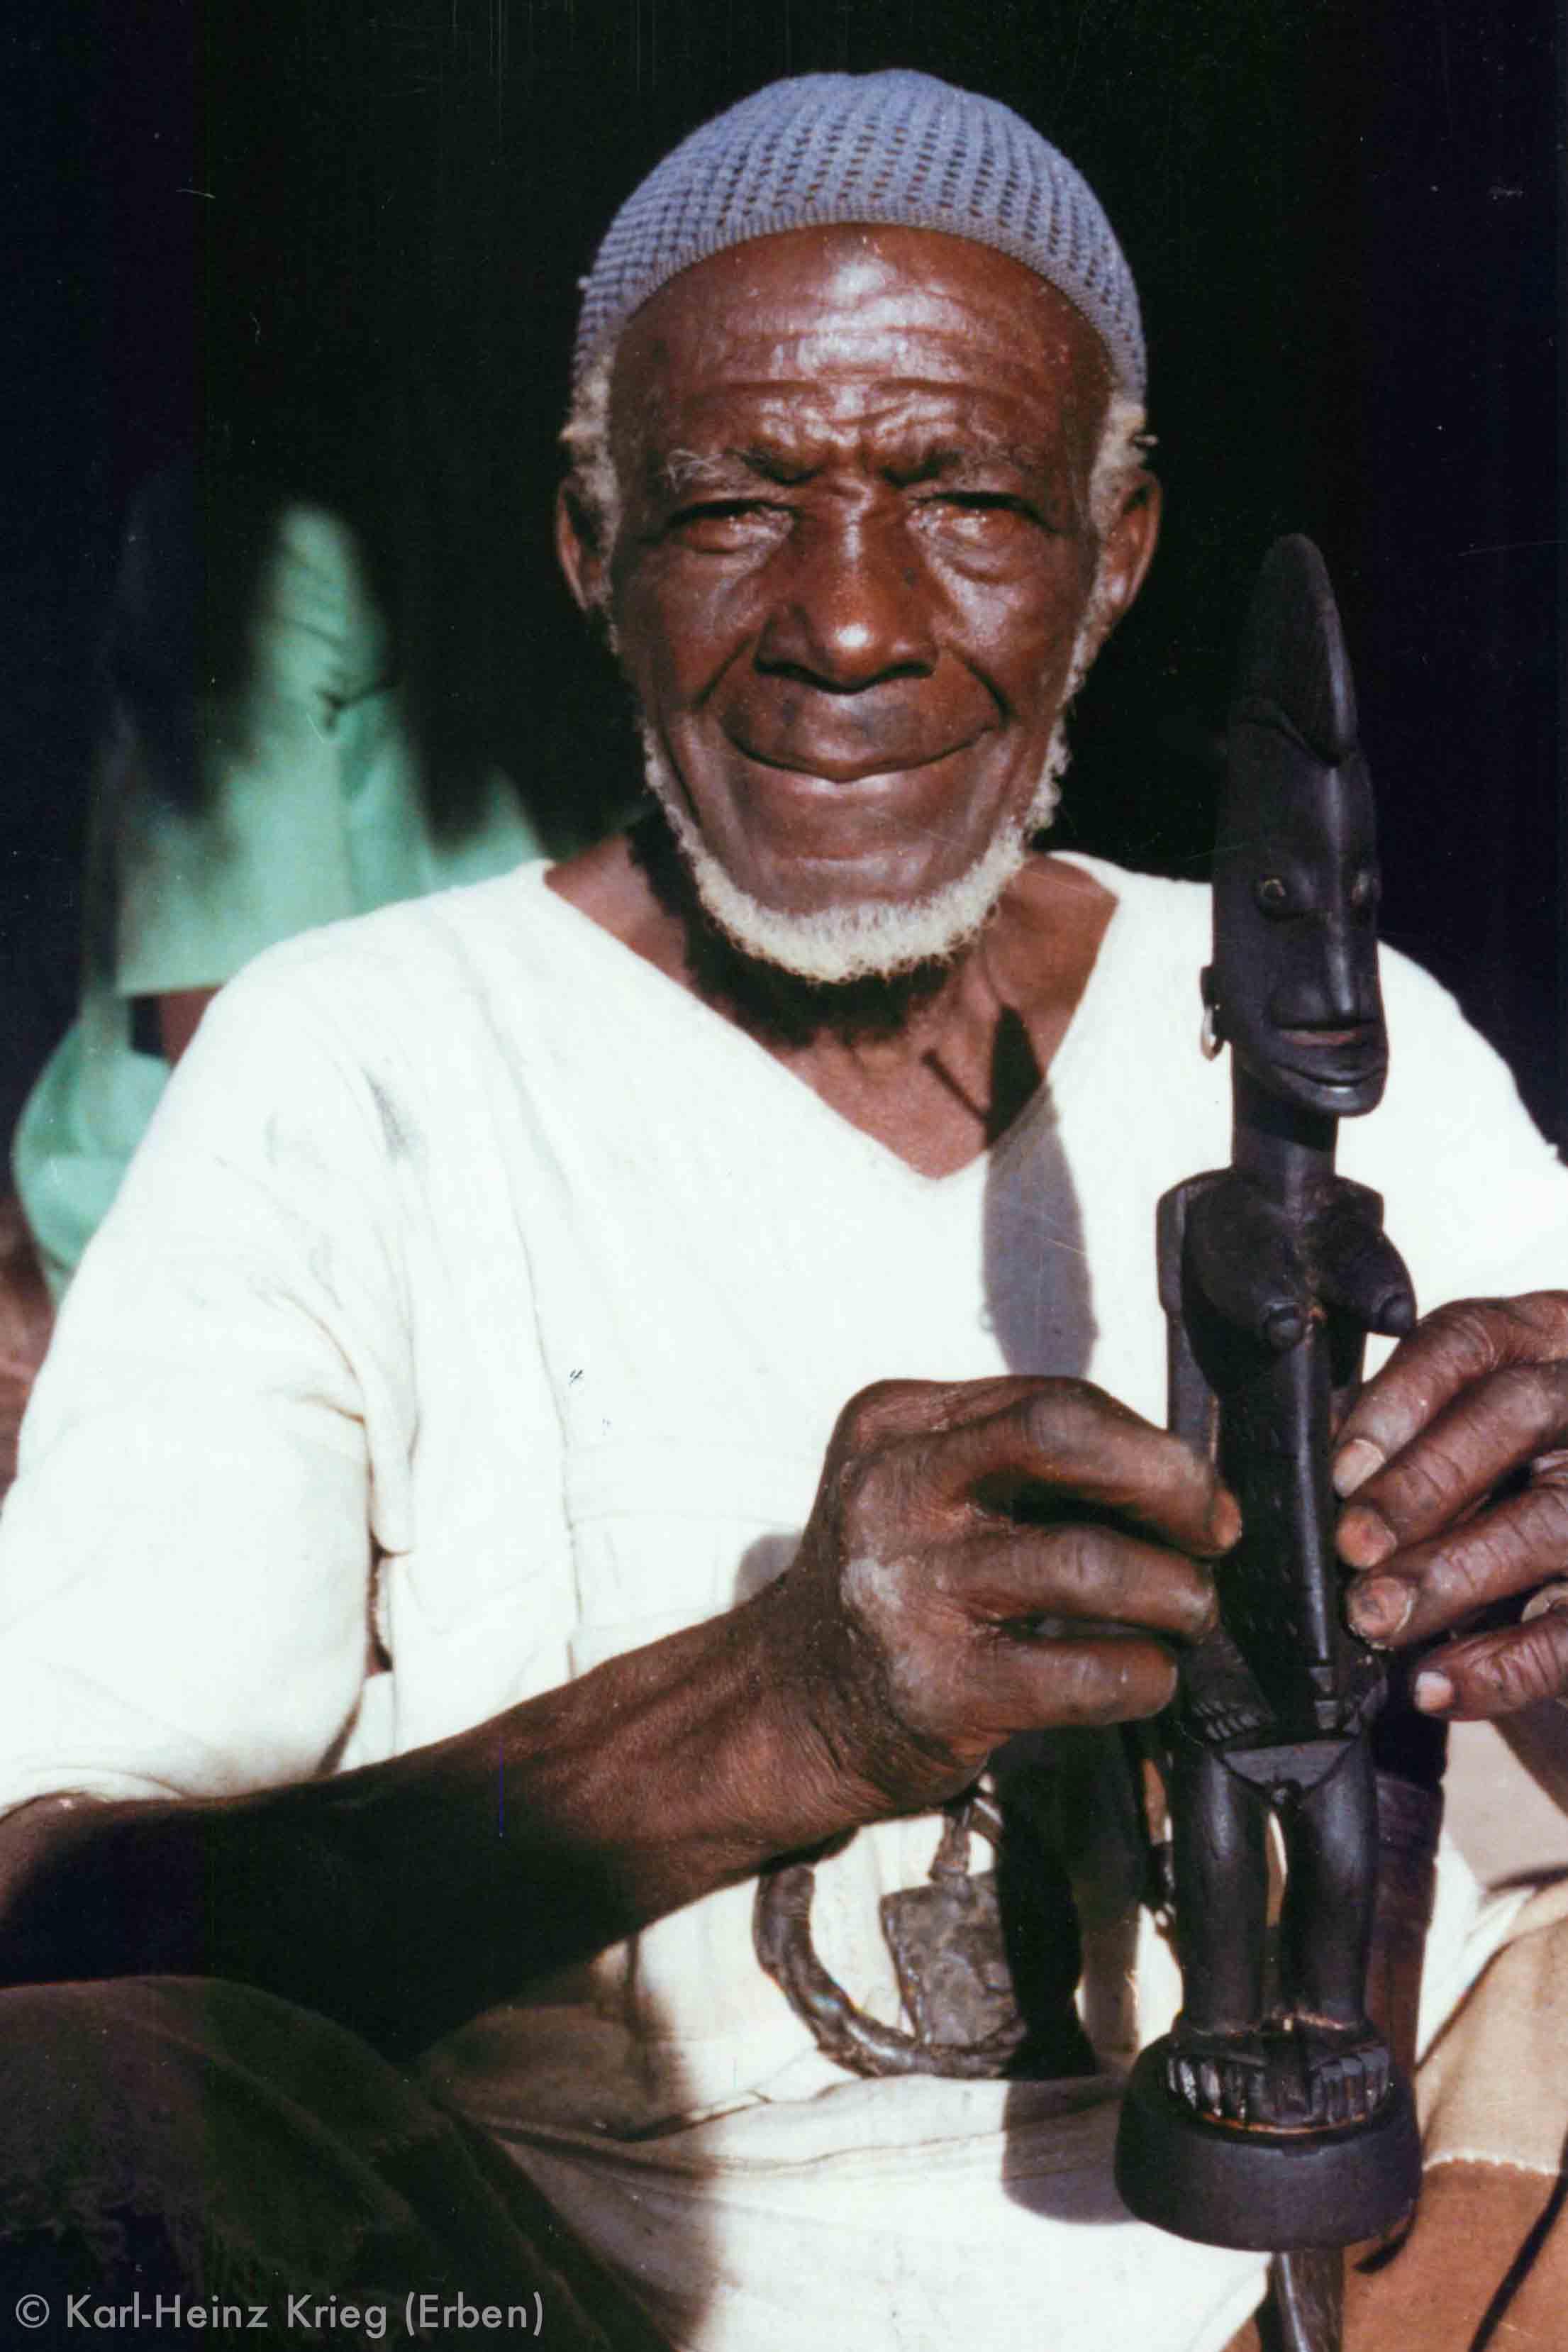 Tinnin Fané with the recently finished figure. Photo: Karl-Heinz Krieg, Fakola (Mali), 1981